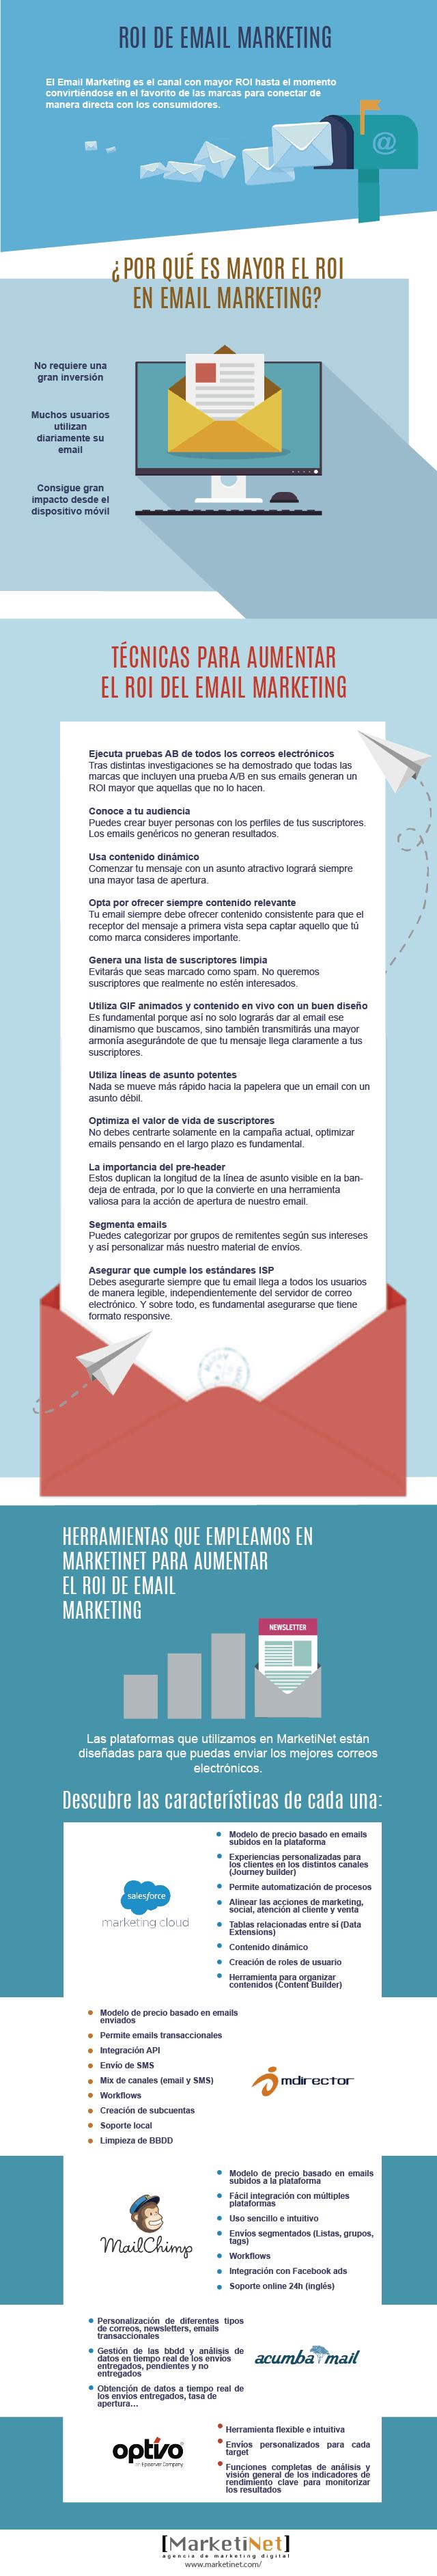 roi-email-marketing-infografia